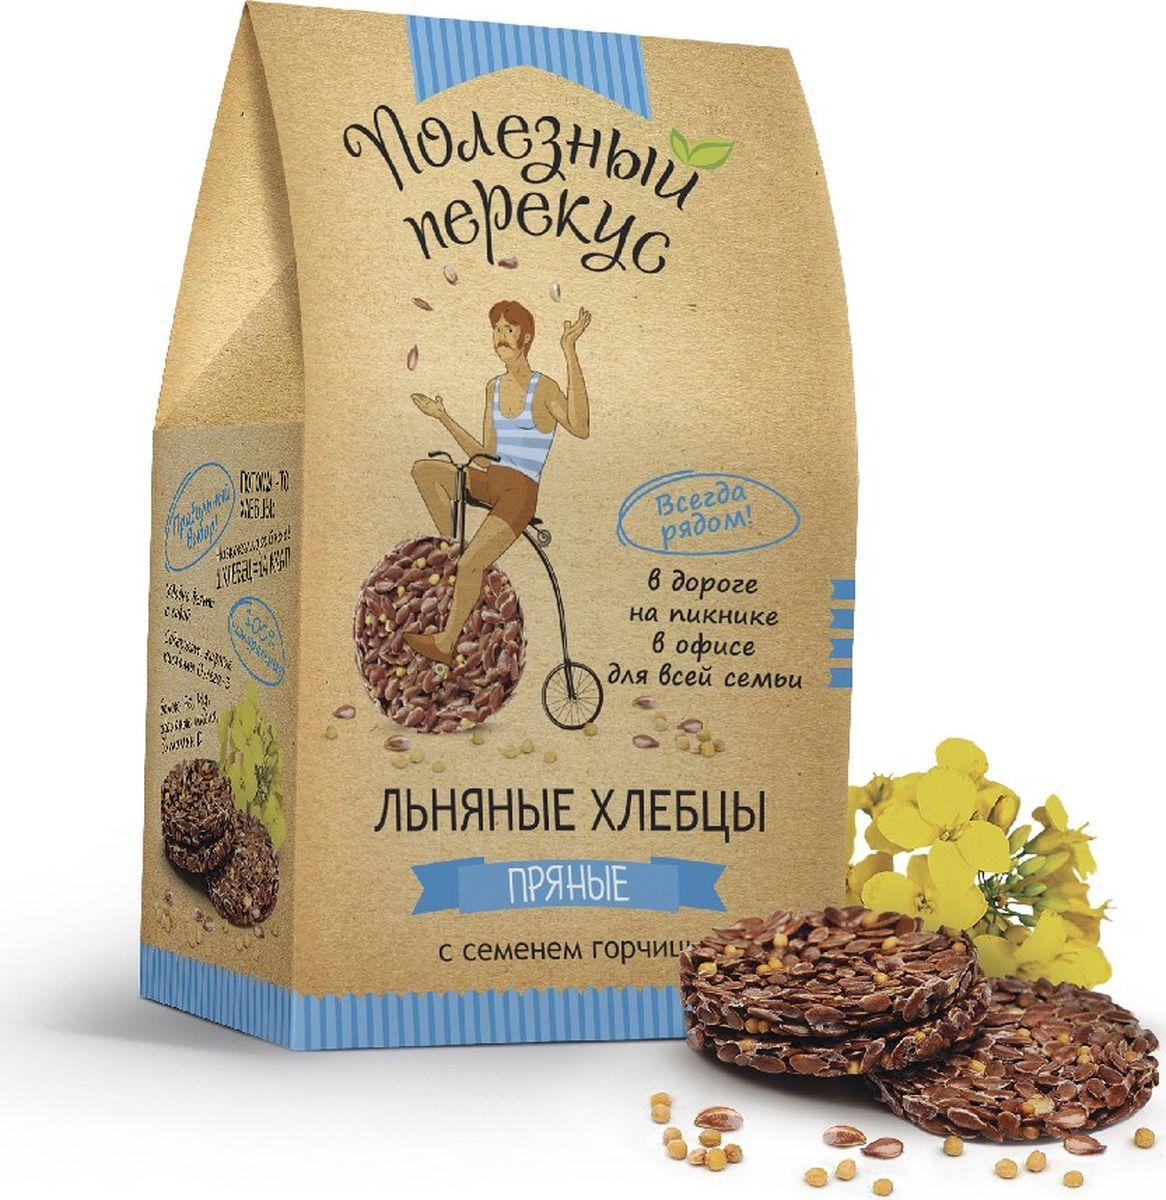 Полезный перекус Пряные хлебцы льняные с семенем горчицы, 100 г0120710Льняные хлебцы - хрустящие снеки прямо с Алтайских полей! Помогут вам с пользой для здоровья утолить голод даже на ходу. Ведь льняное семя - это источник жирных Омега-3 кислот, клетчатки и растительного белка. Семена льна помогут настроить работу кишечника и тем самым нормализовать вес.Горчица - содержит витамины А и D, является антиоксидантом, улучшает аппетит и обмен веществ, что способствует обретению идеальных форм. Сочетая пользу льняных и горчичных семечек, мы создали для Вас прекрасную альтернативу быстрой еде - абсолютно натуральные льняные хлебцы на любой день и для любой ситуации.